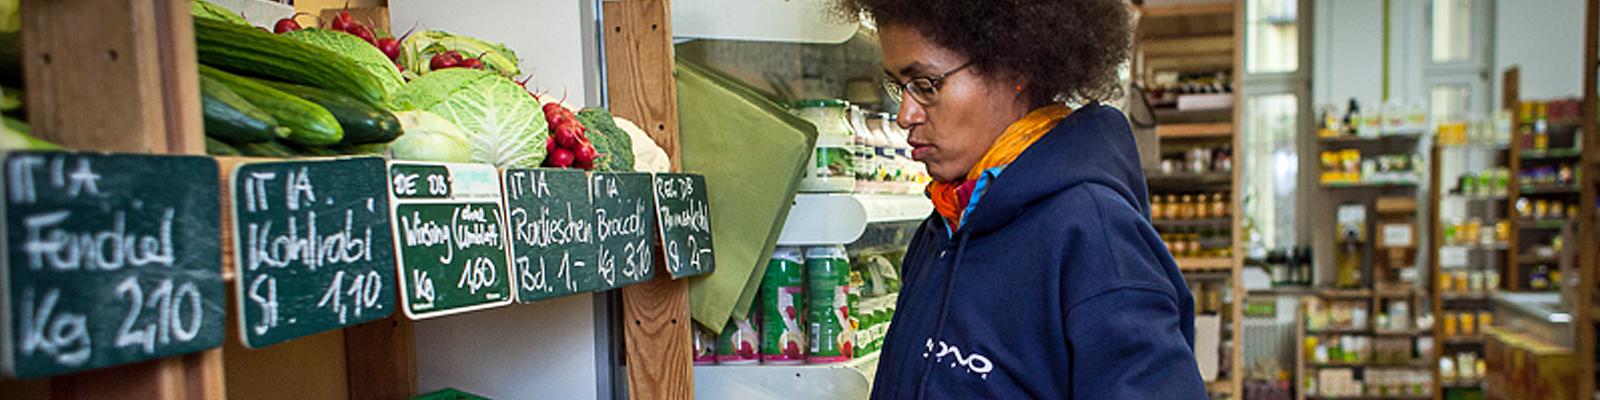 Wurzelwerk - Bioladen und Einkaufsgemeinschaft in Berlin